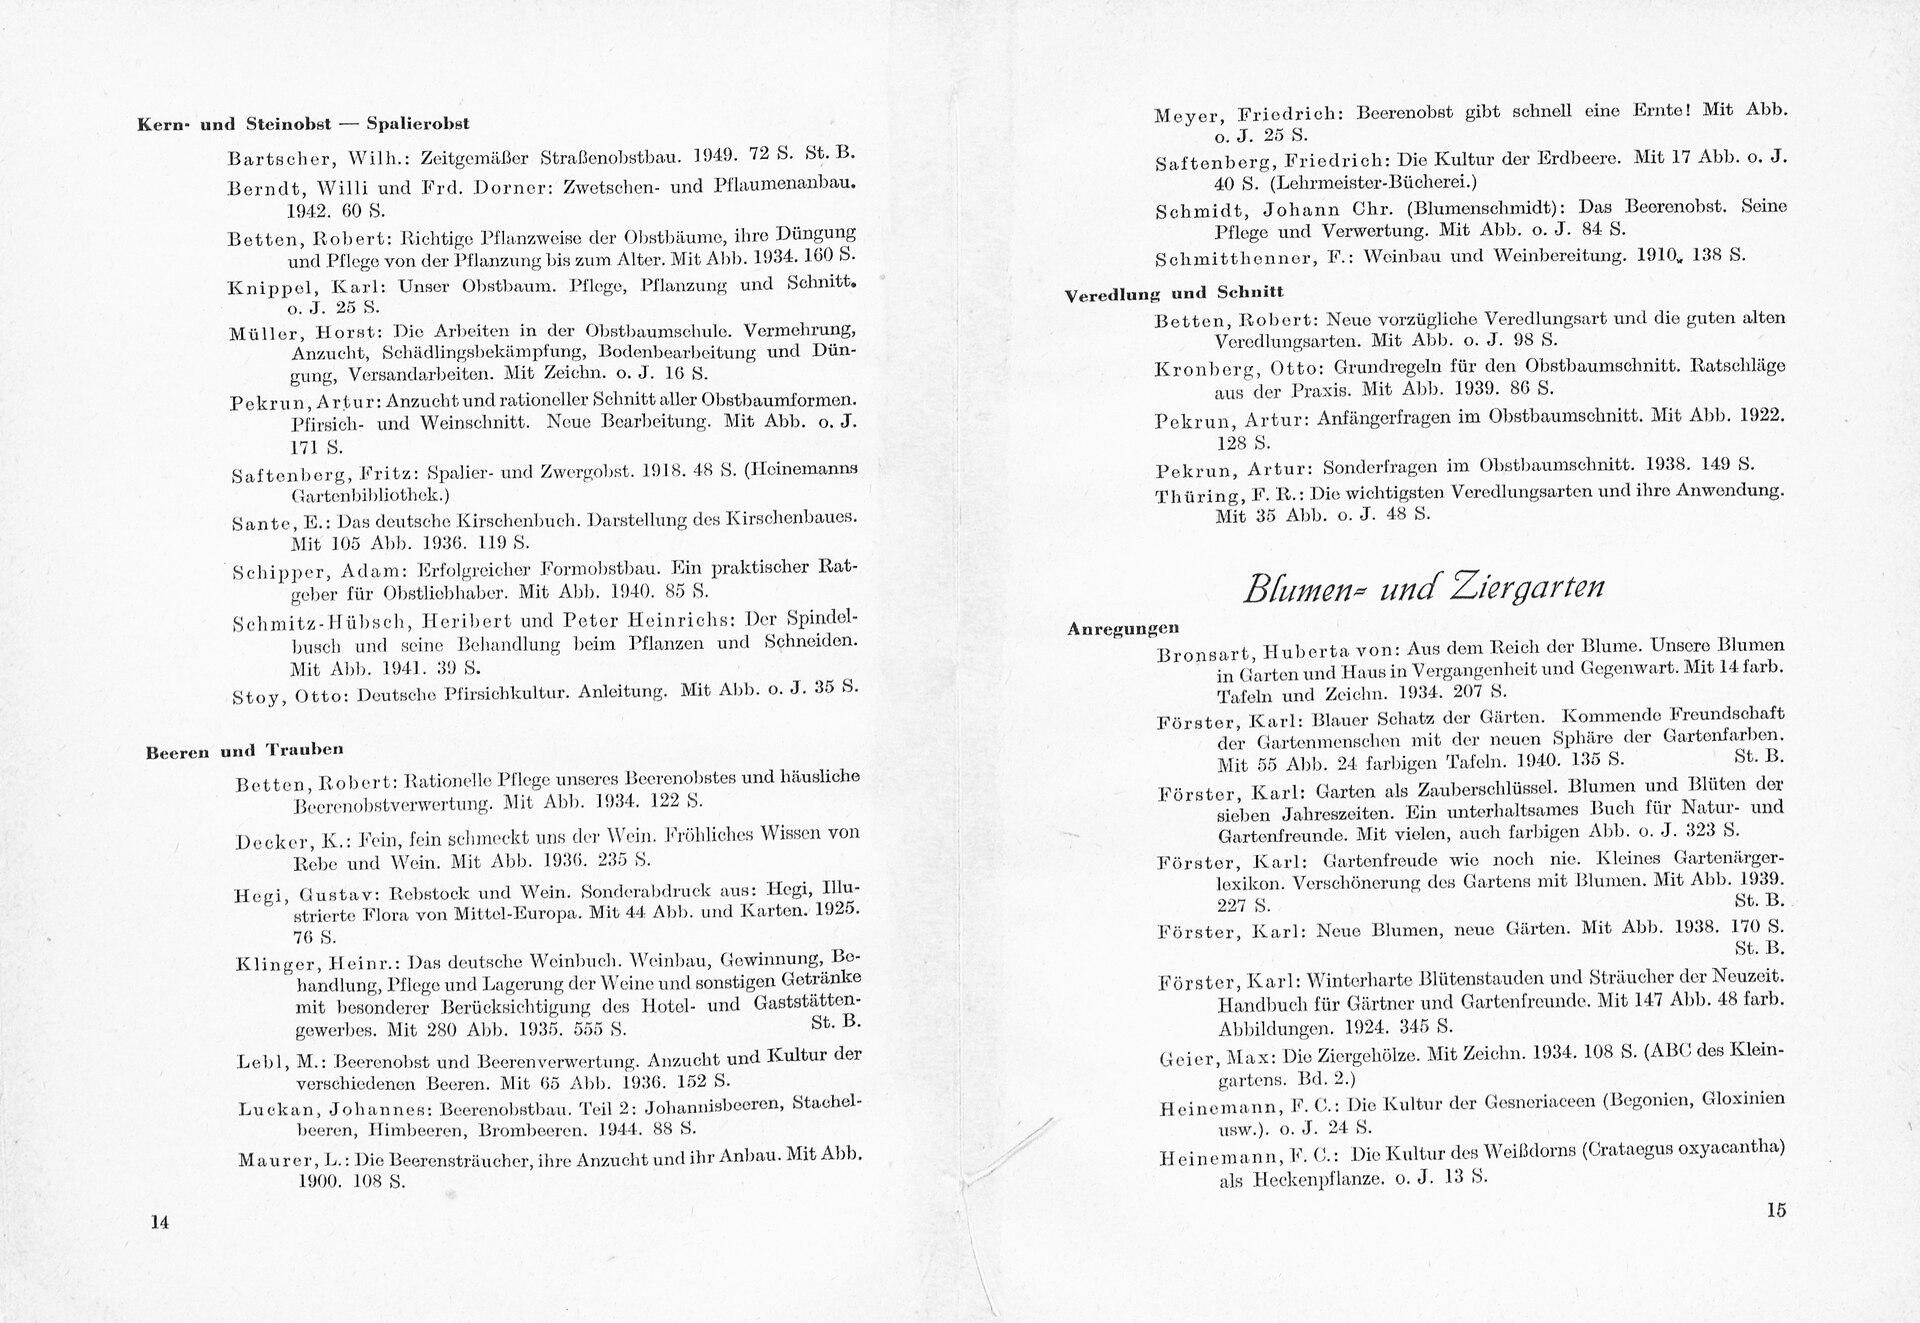 Auswahlverzeichnis.16.14.15.jpg